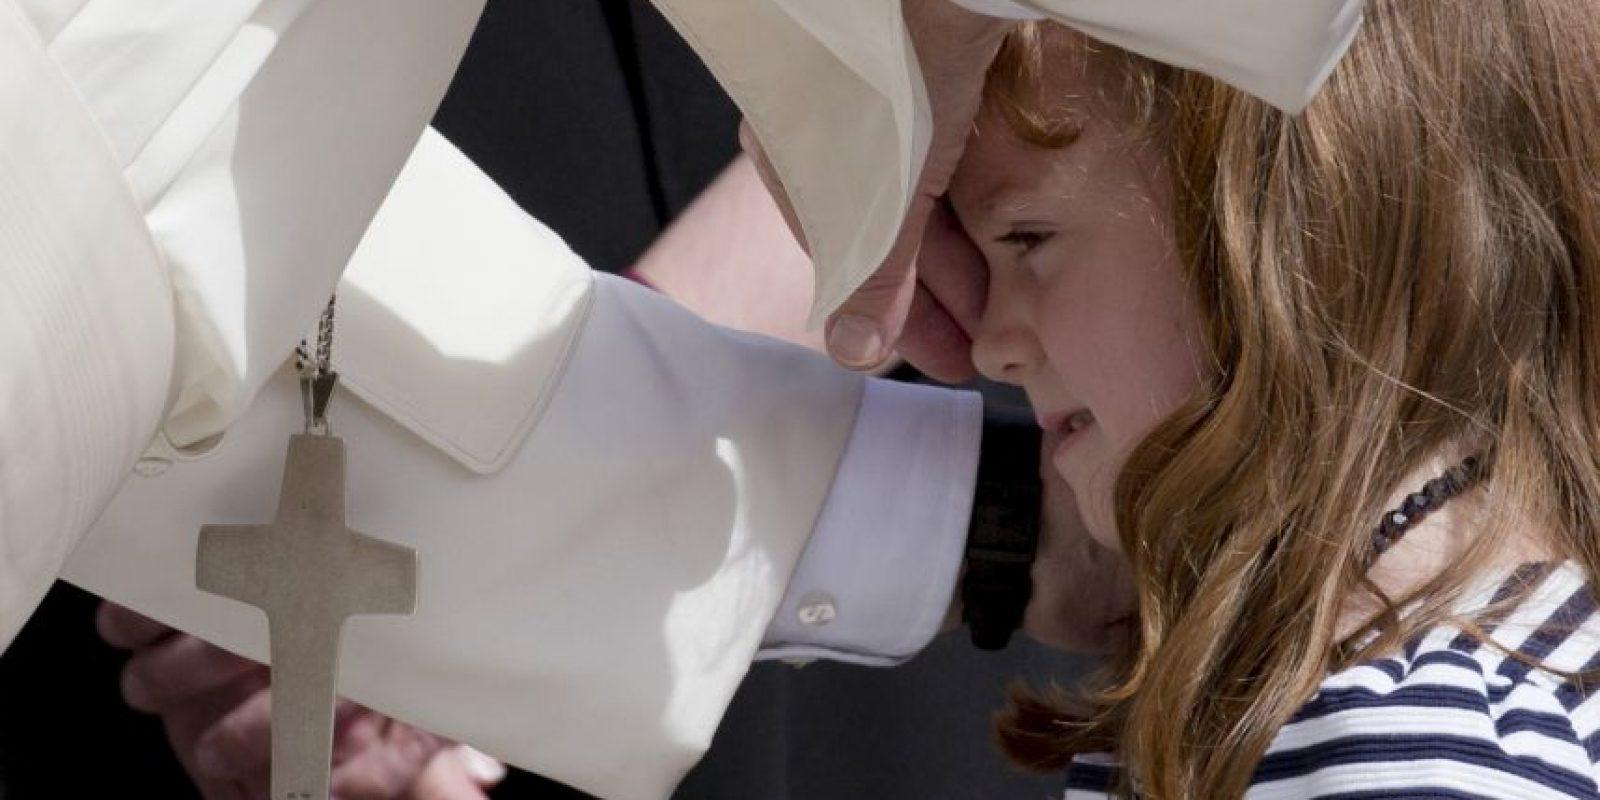 La pequeña parecía estar muy tranquila frente a la presencia del religioso. Foto:AP. Imagen Por: